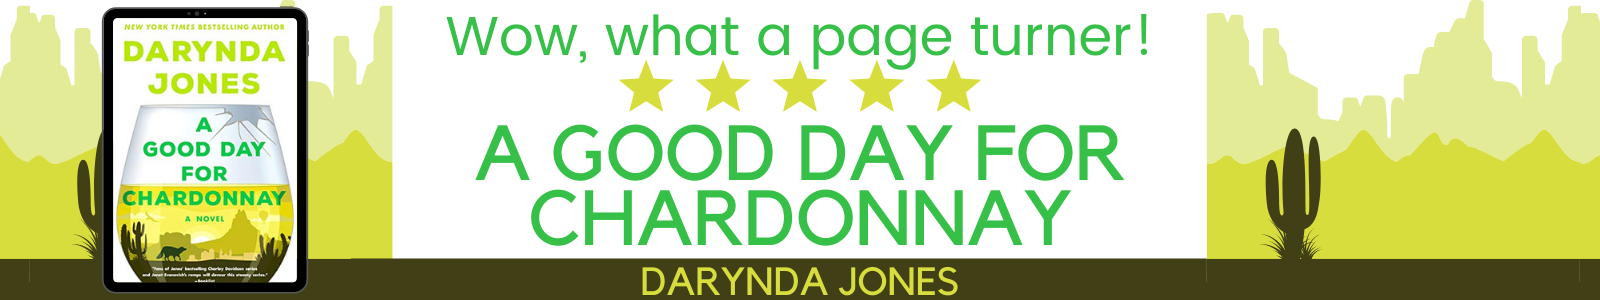 Darynda Jones 1